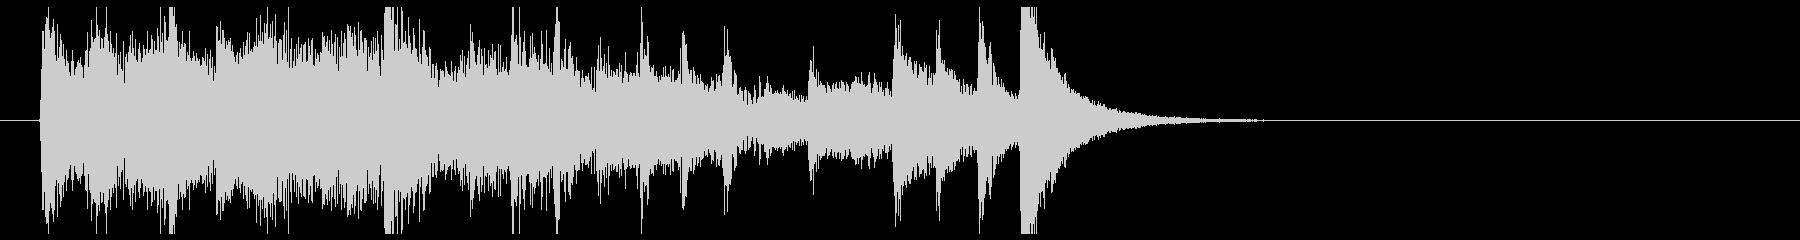 ピアノによるテンポの速い曲の未再生の波形